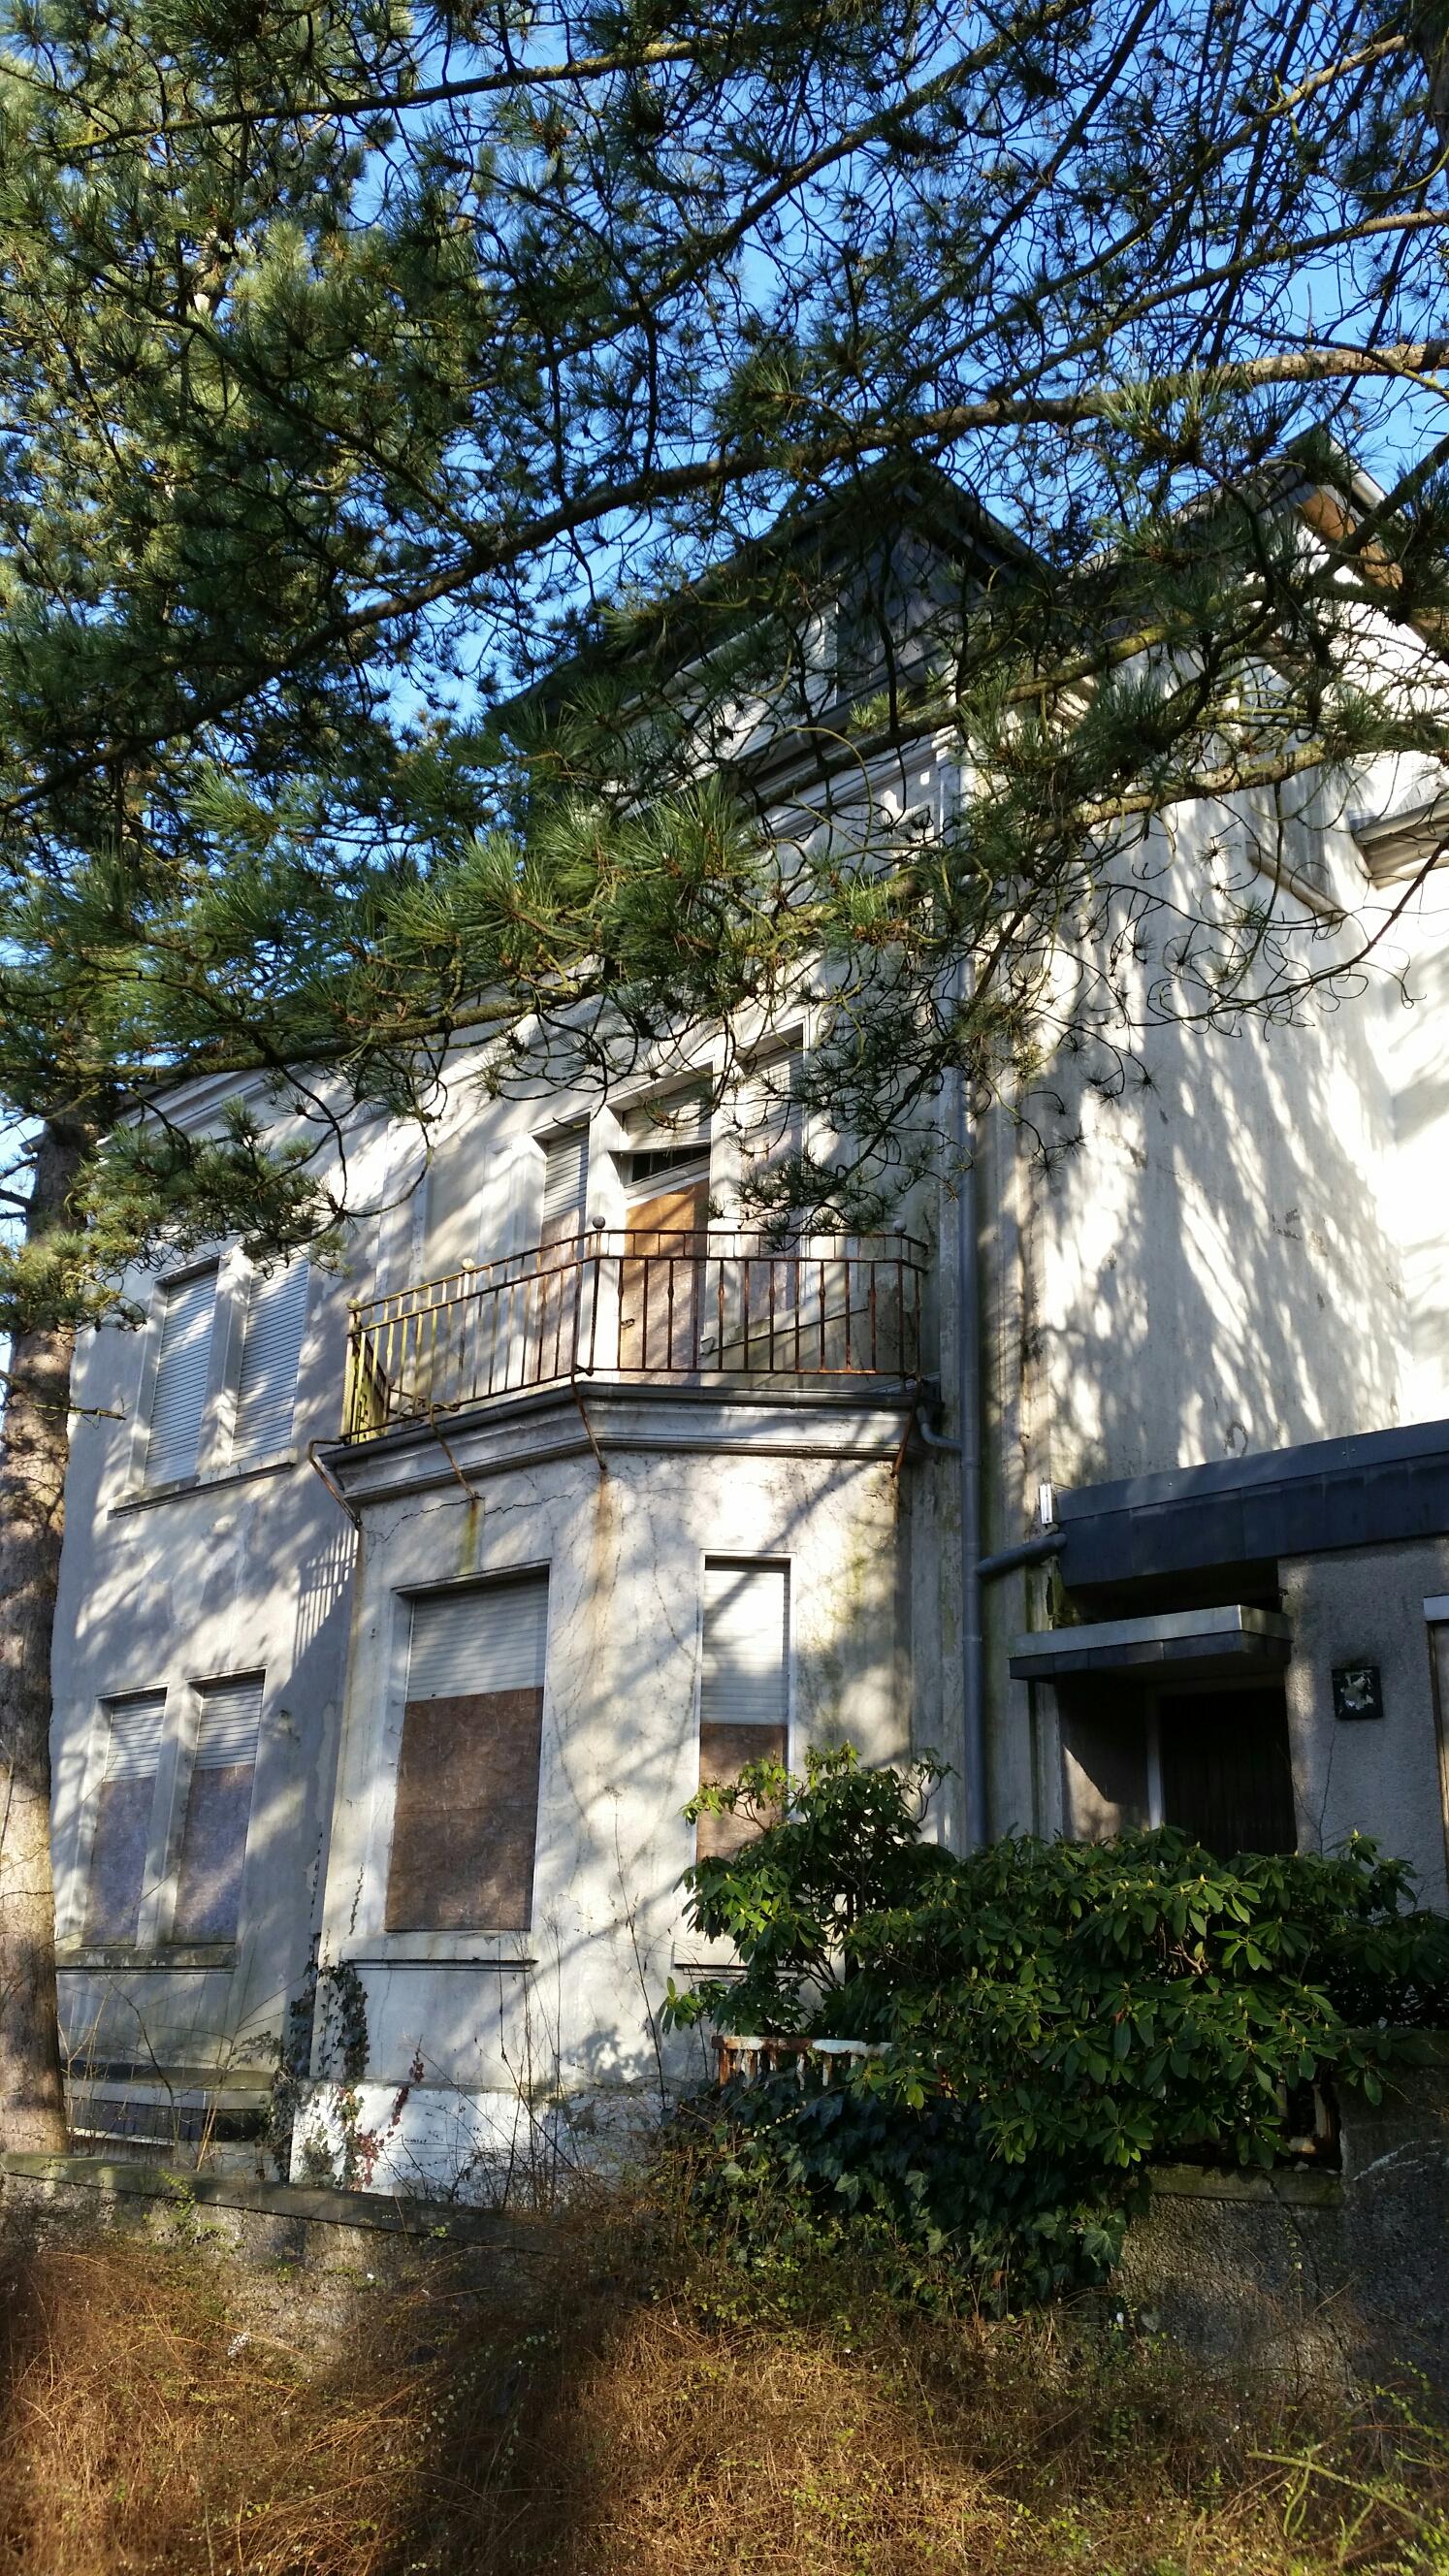 altes Haus in Schwelm, Balkon mit vernagelten Fenstern